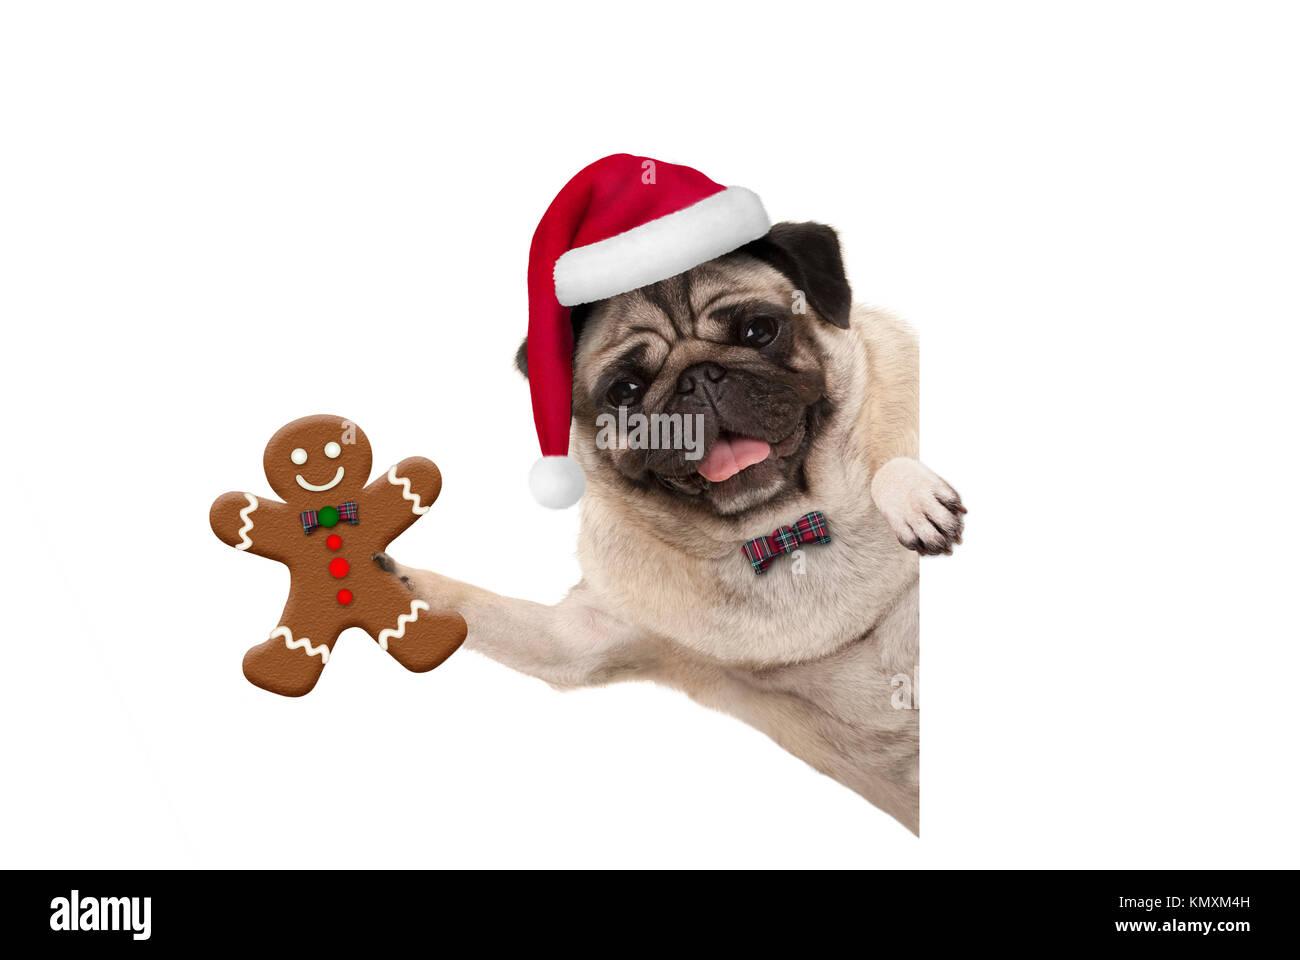 Babbo Natale Zampa.Natale Sorridente Pug Dog Tenendo Premuto Fino Gingerbread Man E